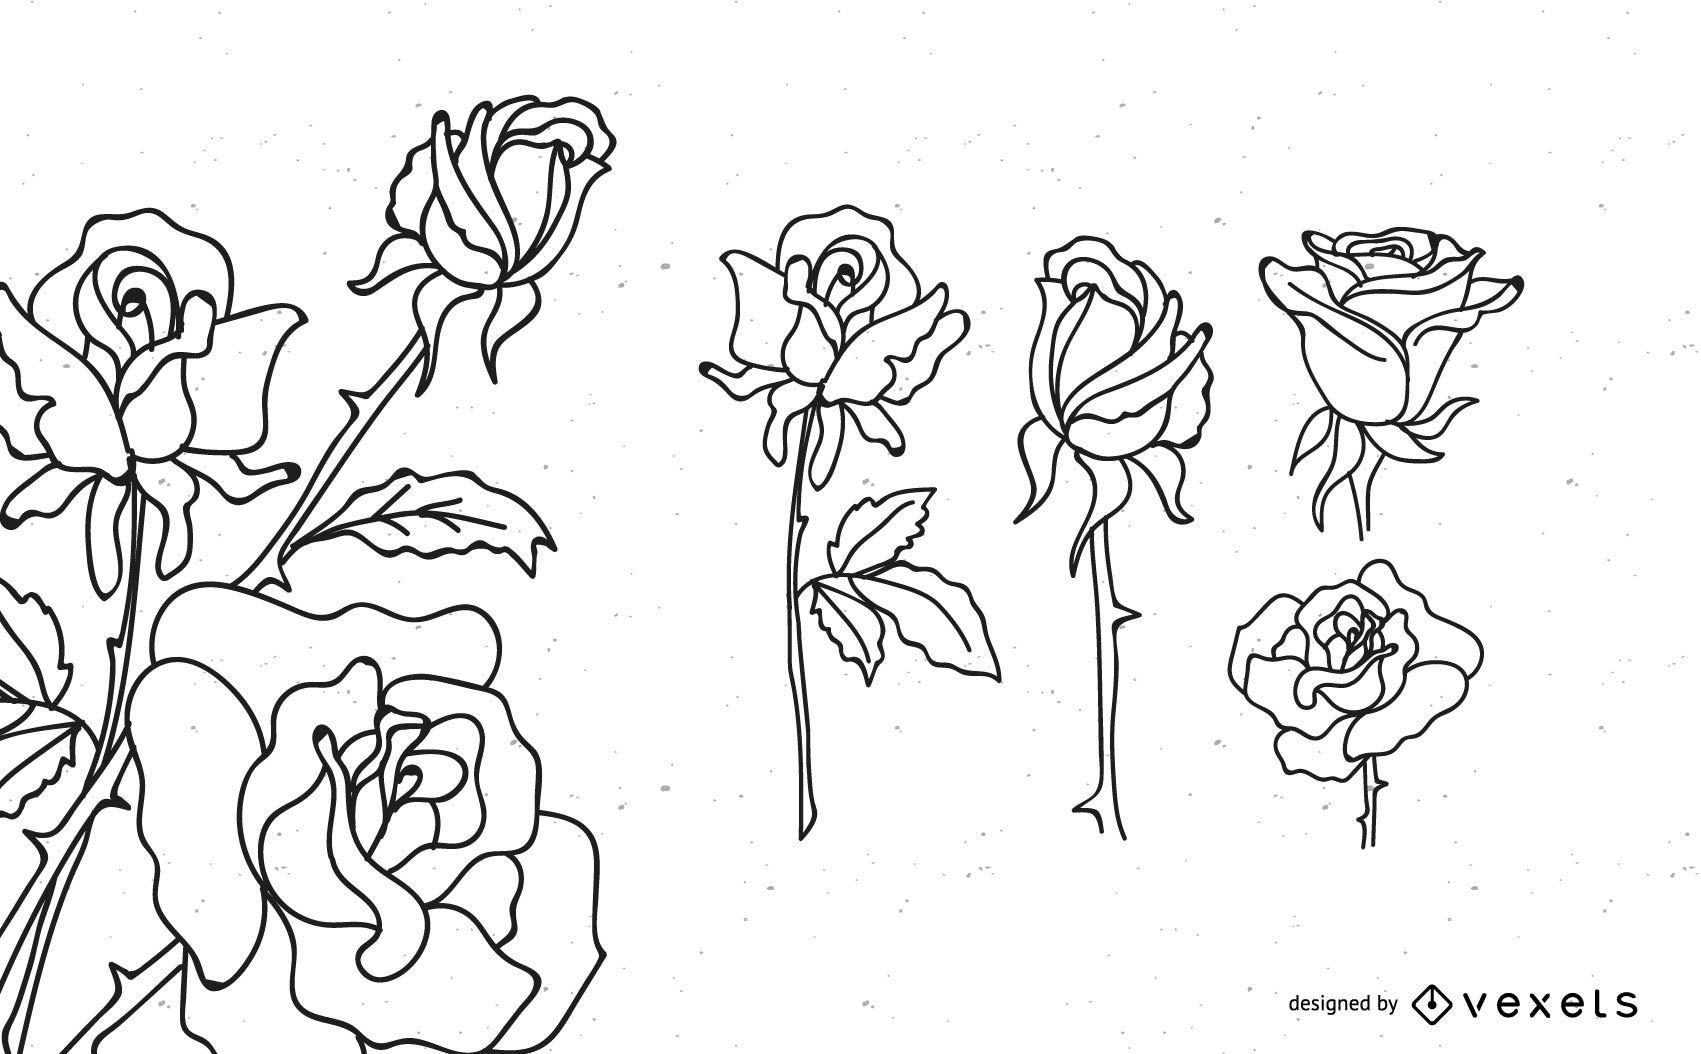 Rose Outline Design Set - Vector Download